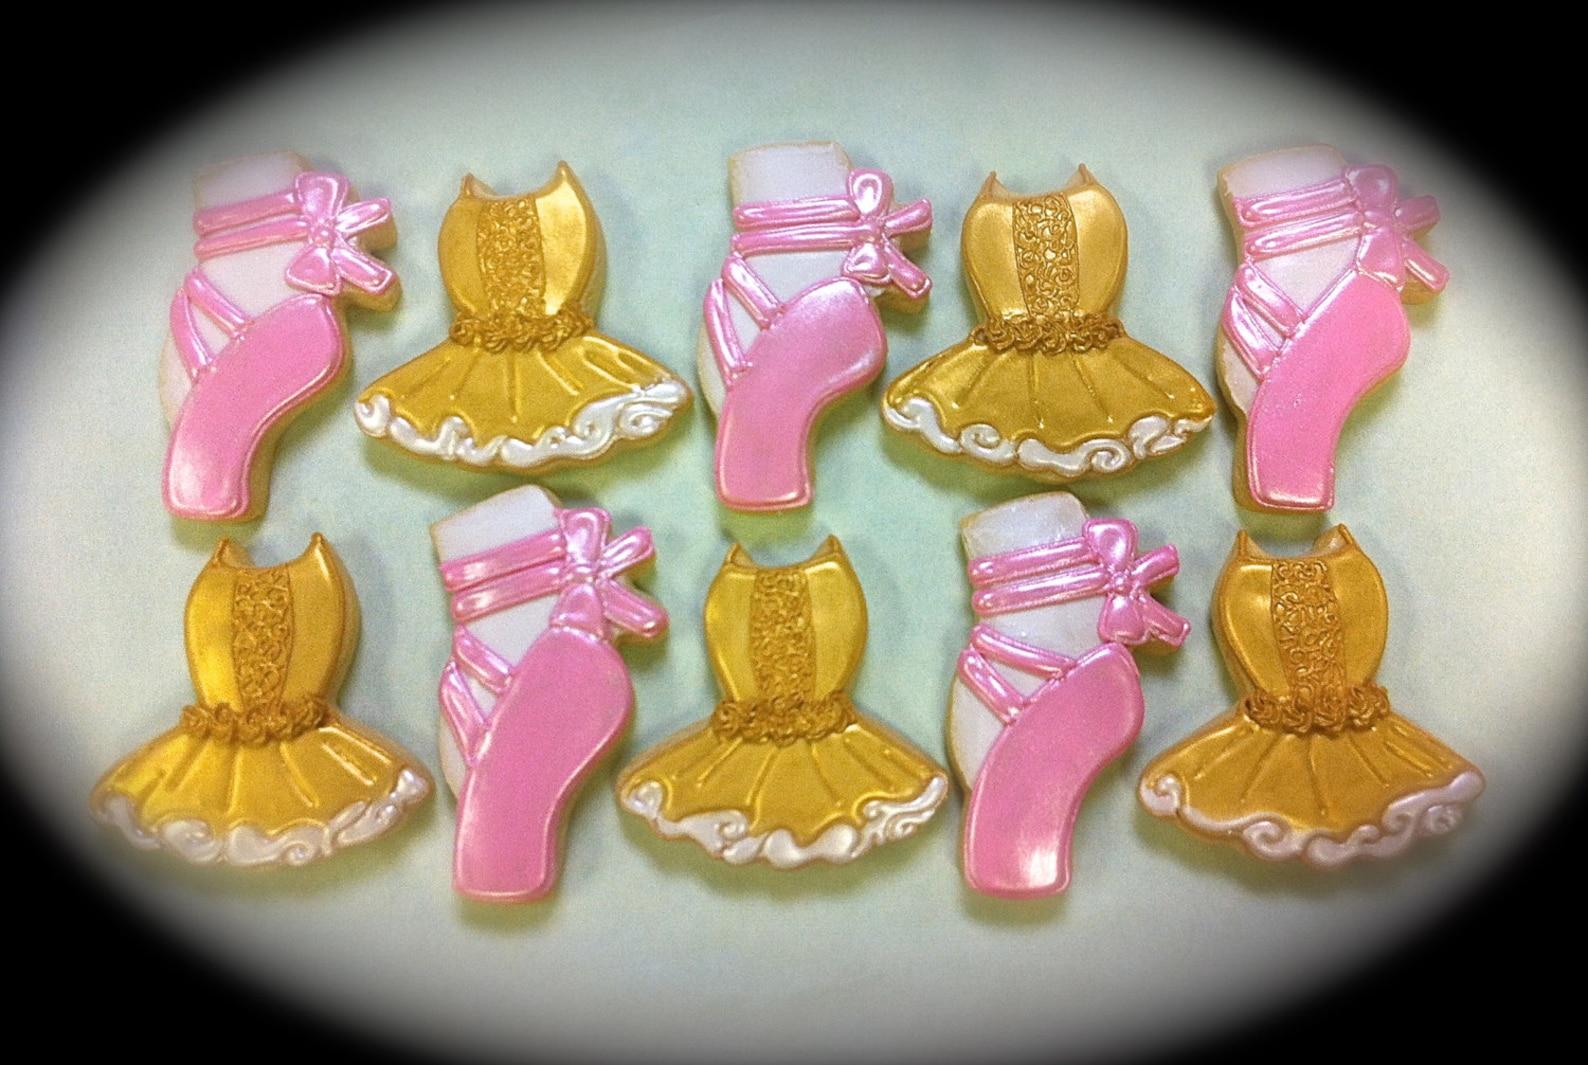 ballet theme cookies, ballet cookie favors, toe shoe cookies, tutu's ballet theme sugar cookies, ballet recital cookies, bal